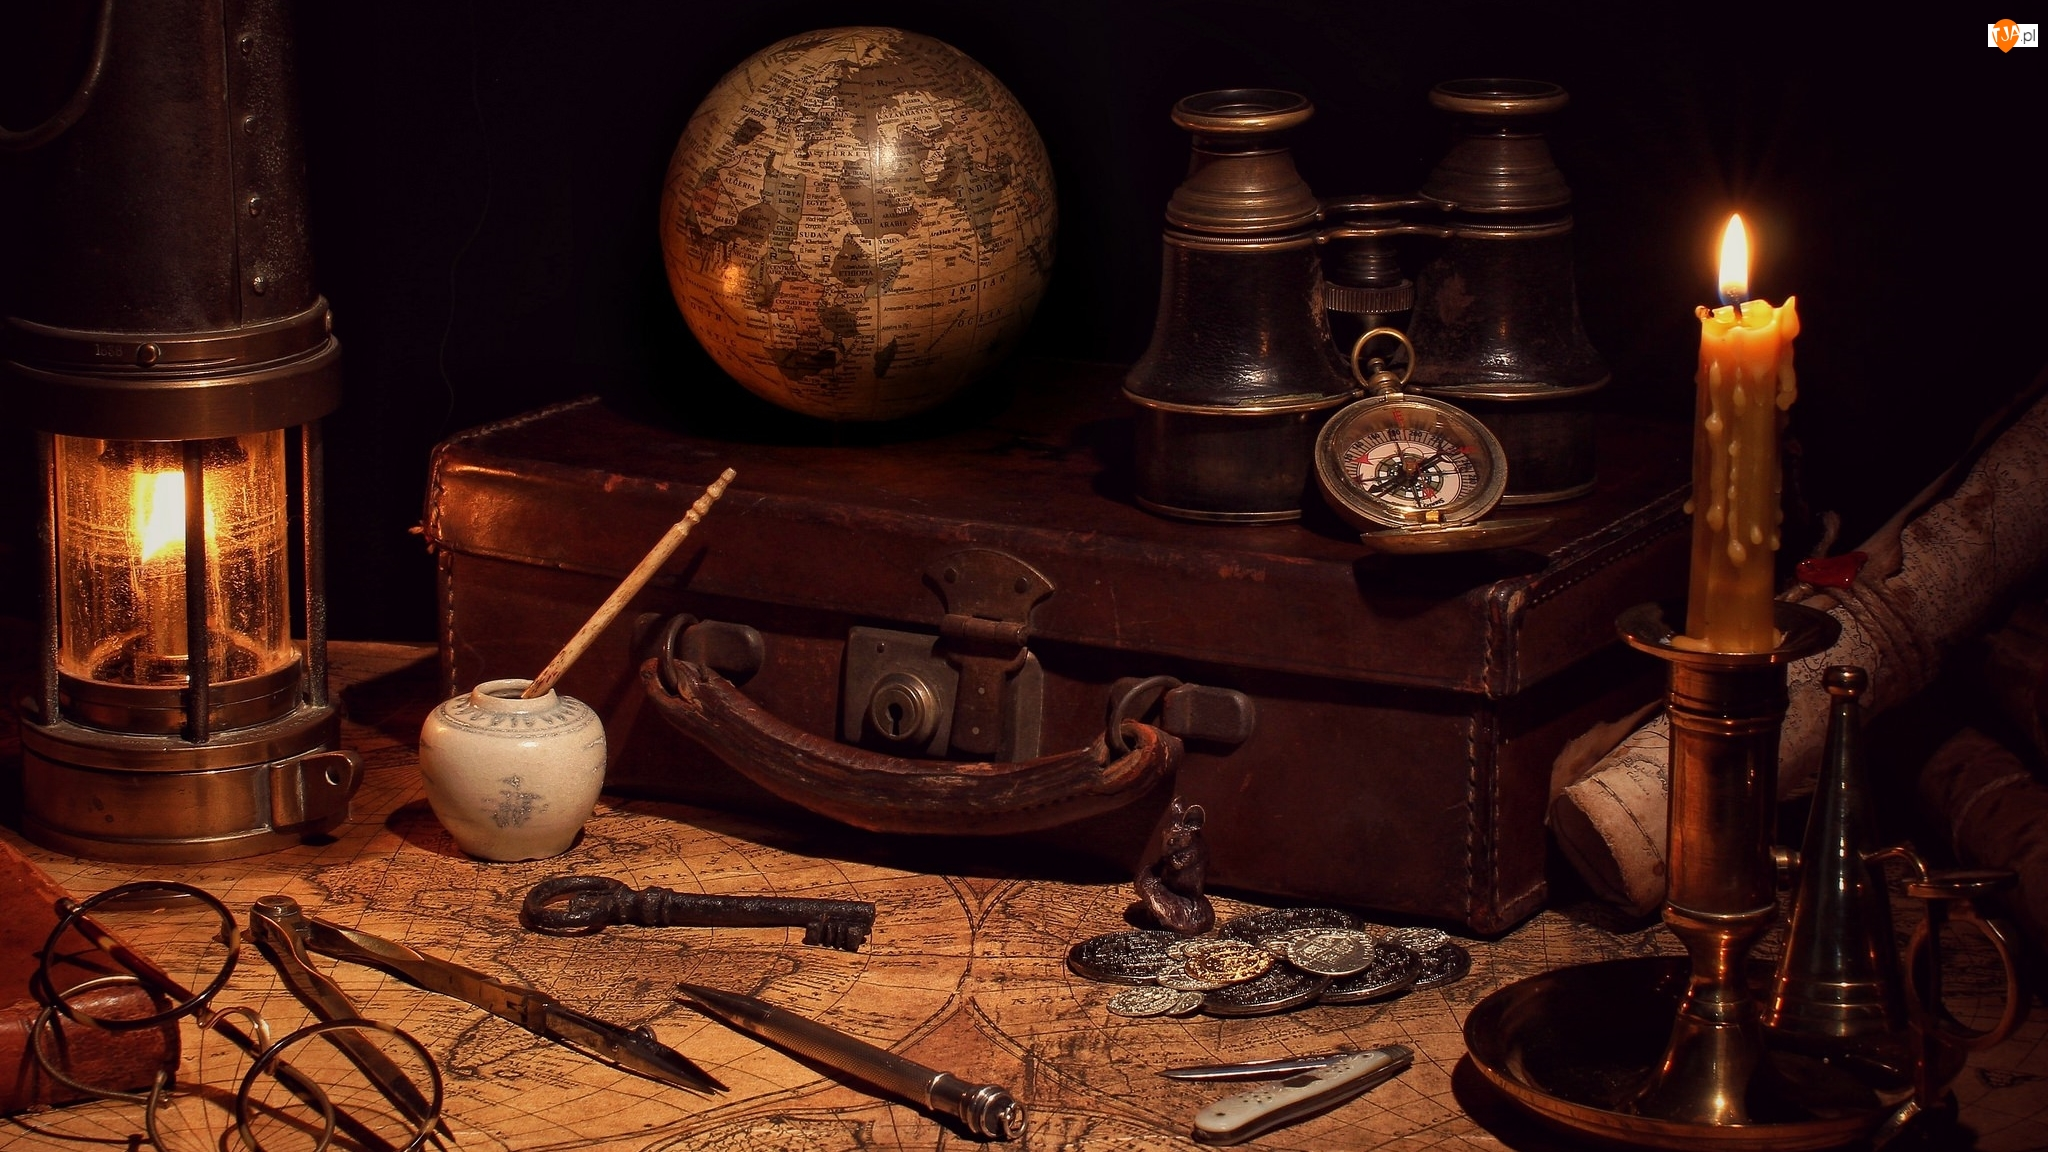 Lampion, Świeca, Kompas, Kompozycja, Globus, Lornetka, Walizka